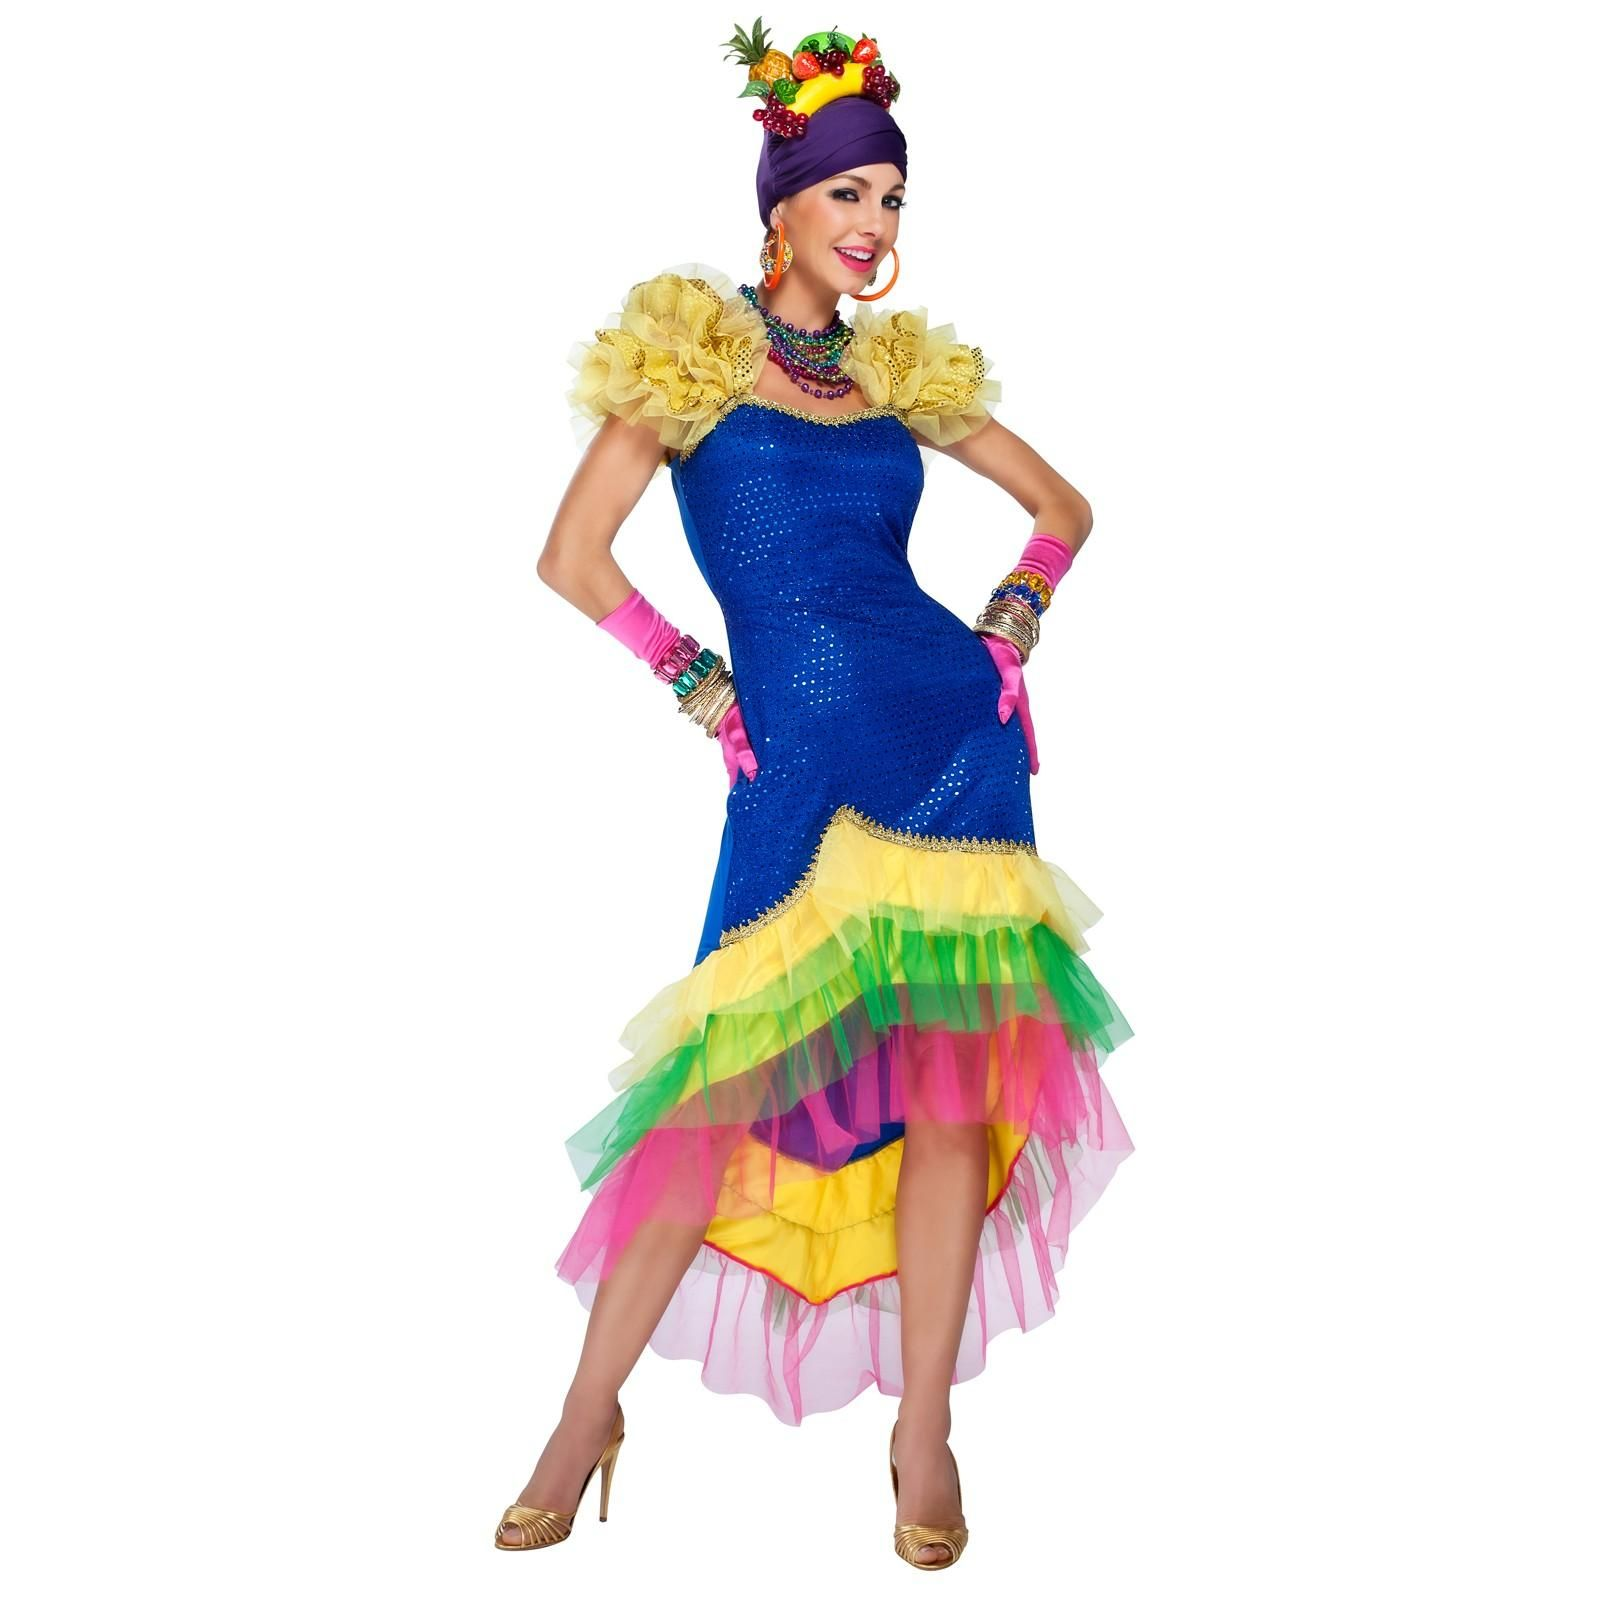 rio carmen miranda kids dance costumes - Google Search  e456368d57f6